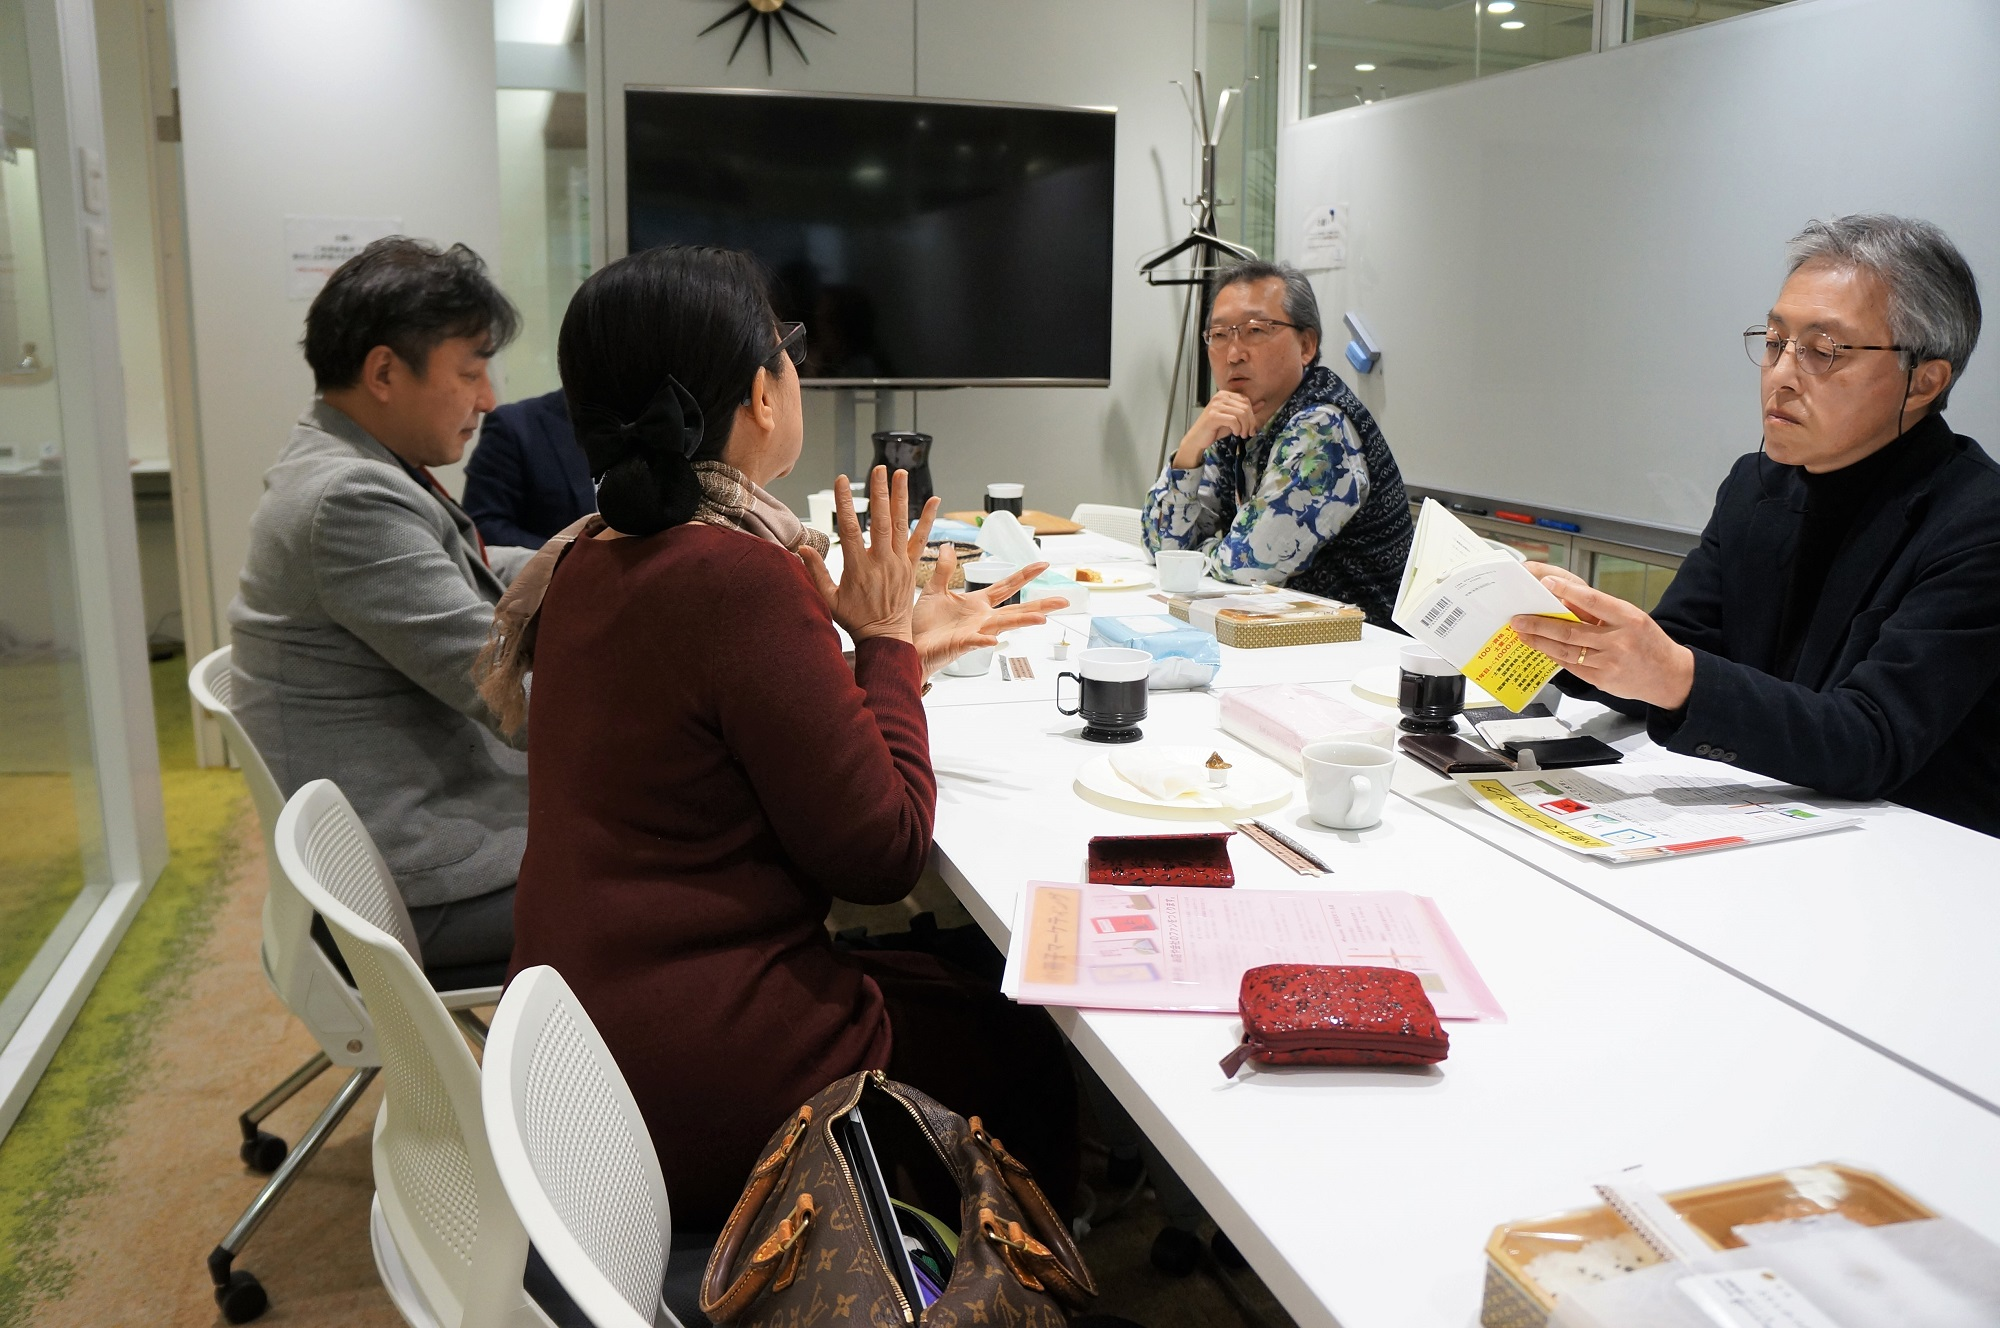 東京 交流会 異業種 シェアオフィス 起業家 経営者 新人社長